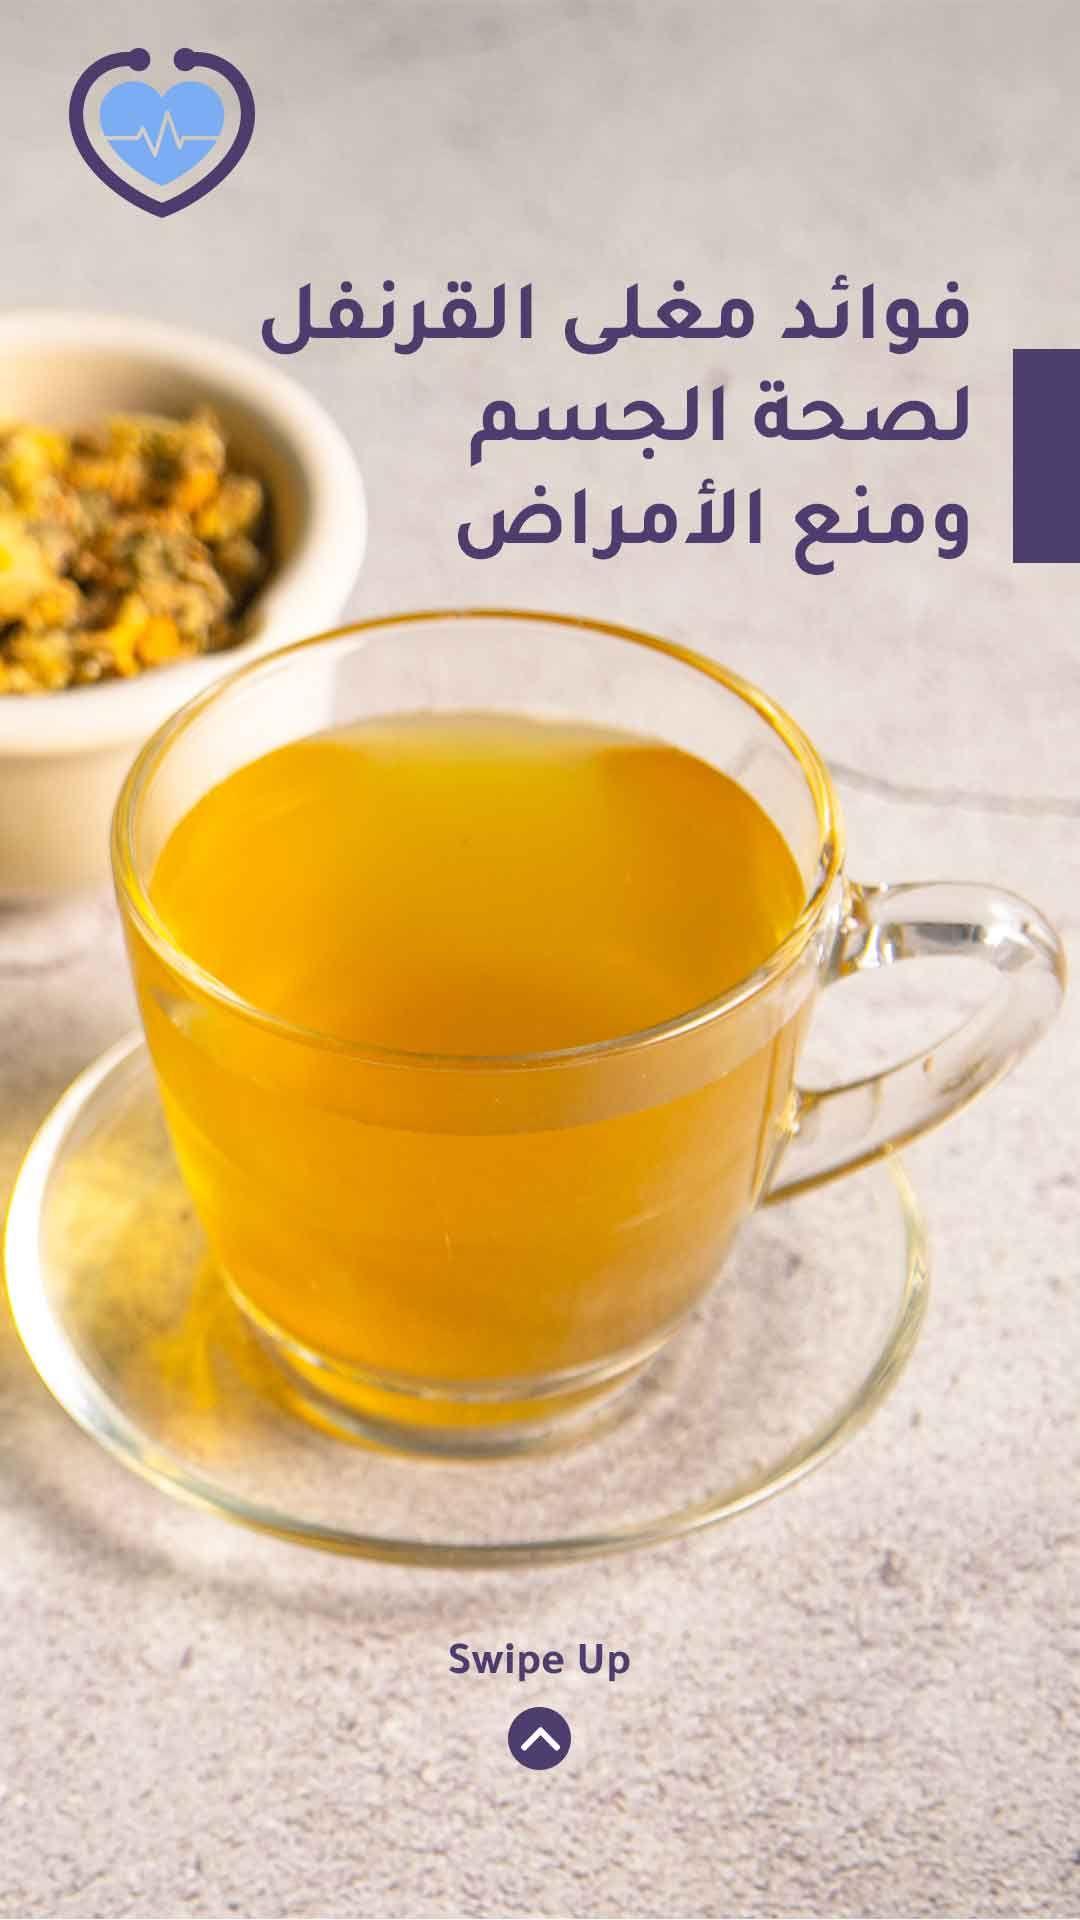 شرب شاي القرنفل هو وسيلة رائعة ولذيذة لزيادة كمية المغذيات الخاصة بك وعلاج بعض الحالات الصحية بشكل طبيعي تابع معنا لنخبرك فوائد مغلي القرن In 2021 Health Fruit Food